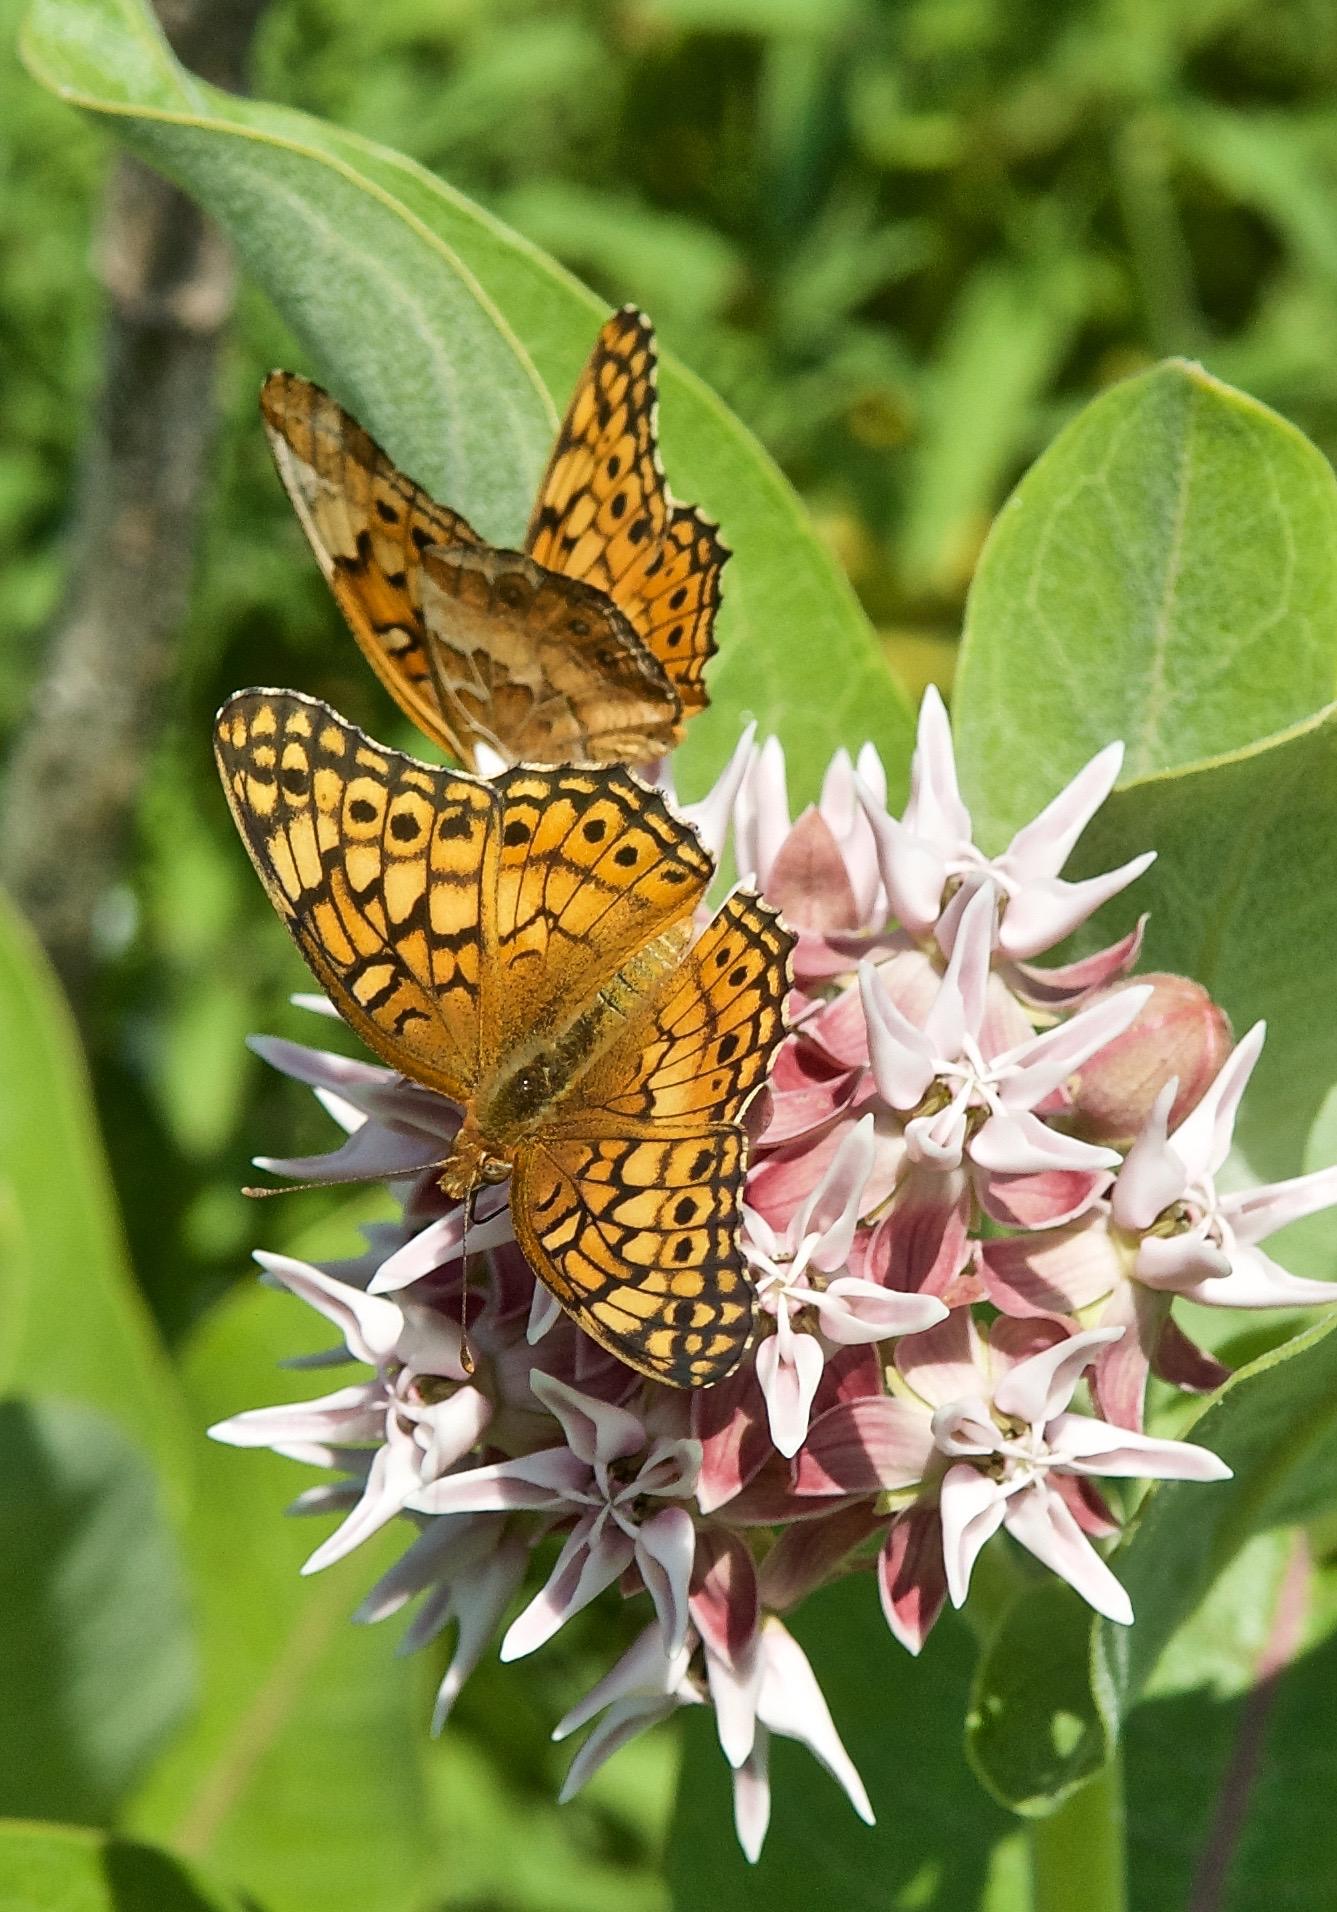 Euptoieta claudia (Butterfly)Variegated Fritillary on Showy Milkweed